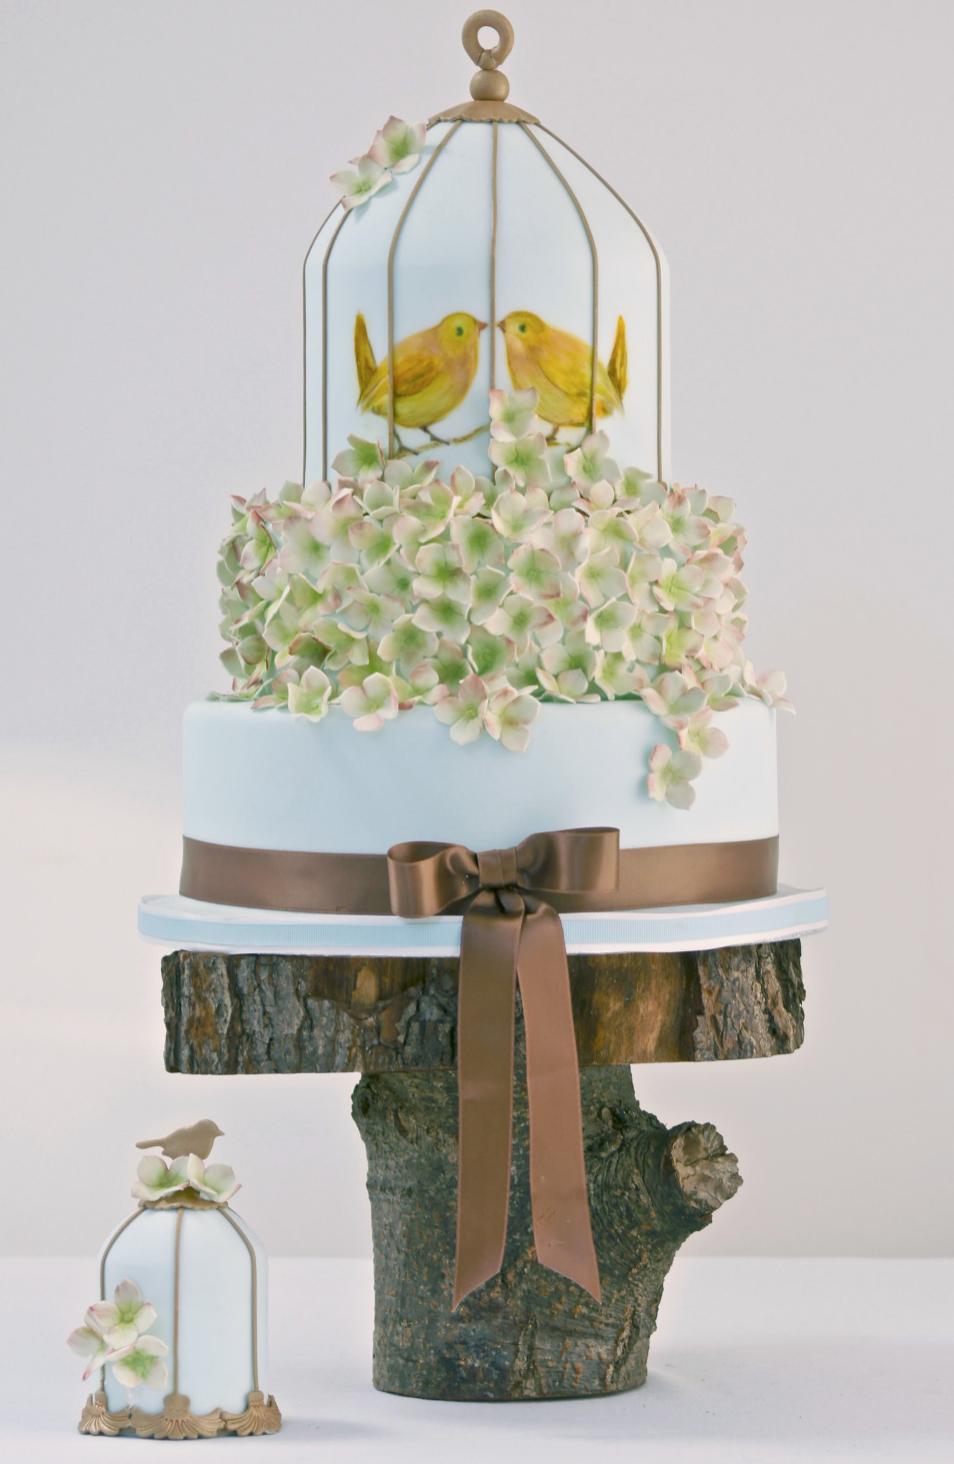 KrishanthiA   Wedding Cakes + Sweets   Pinterest   Asian and Cake